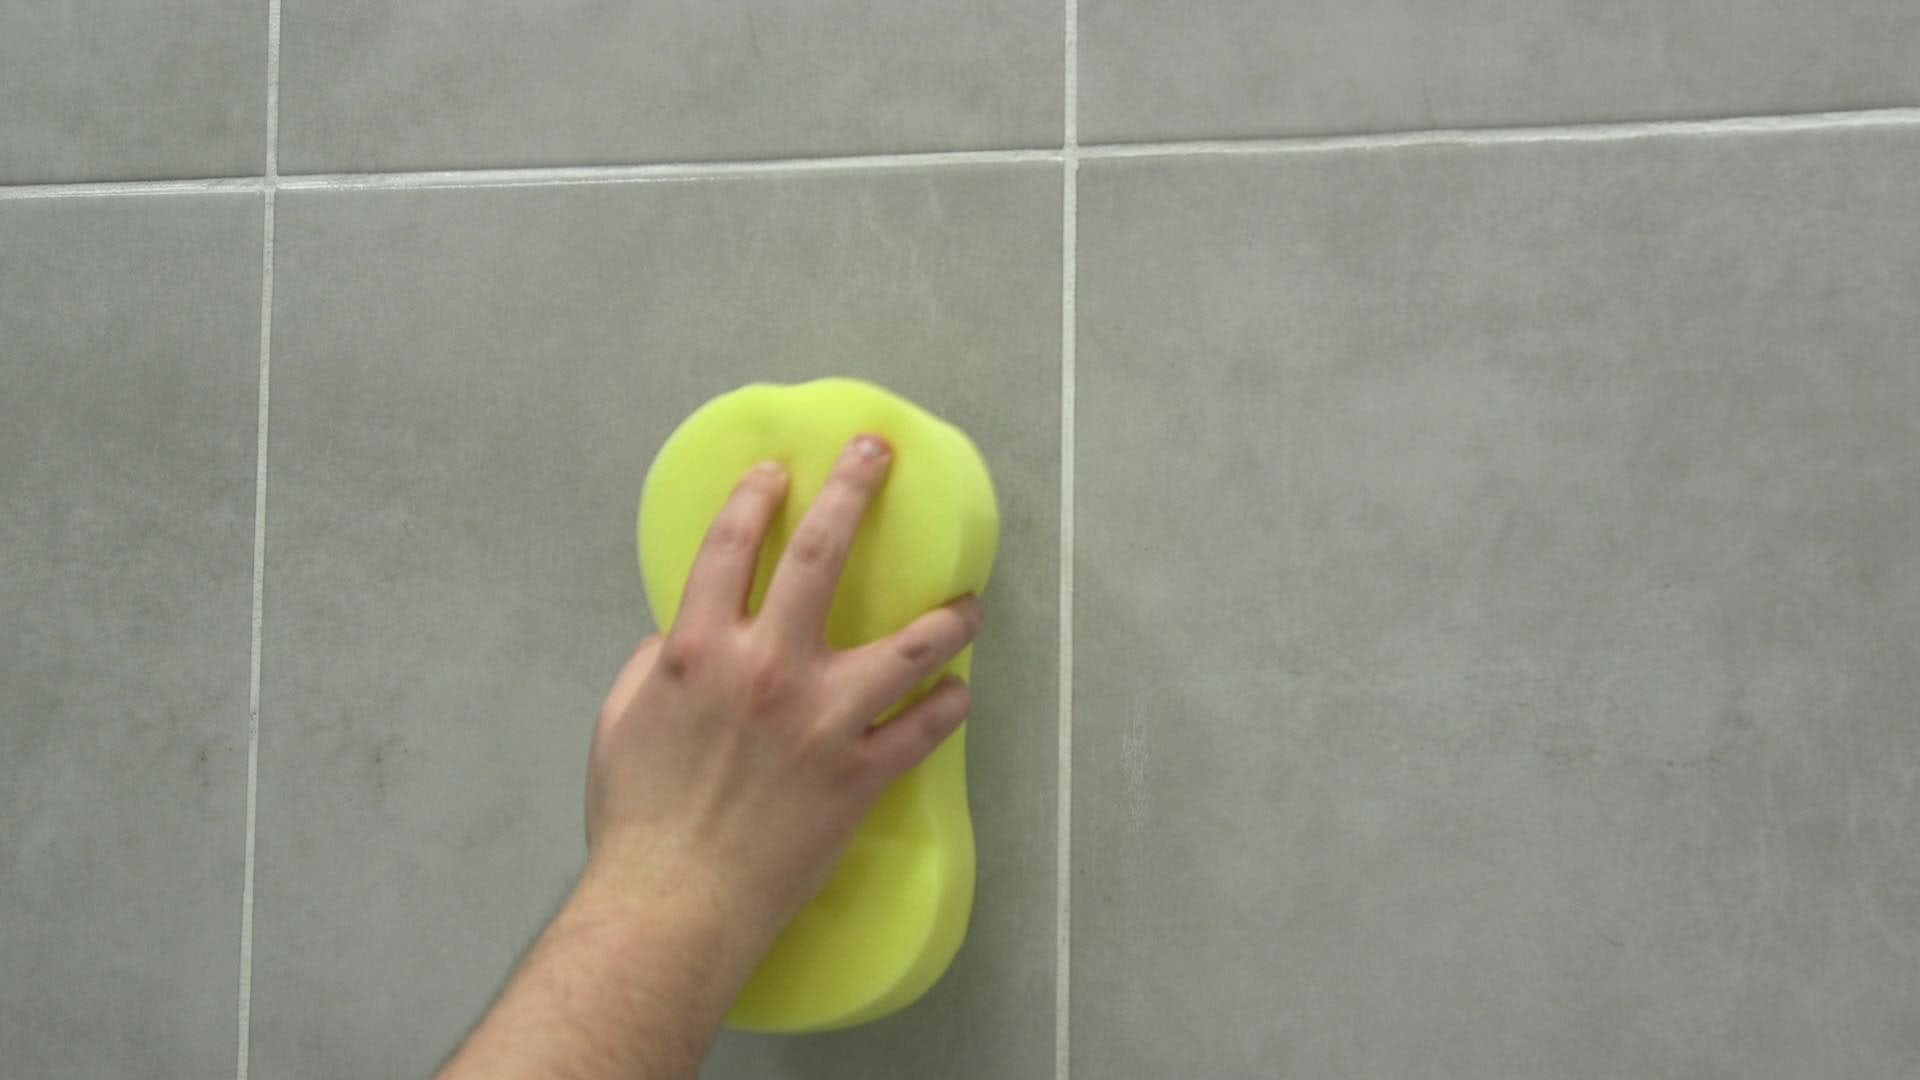 Sponging tiles